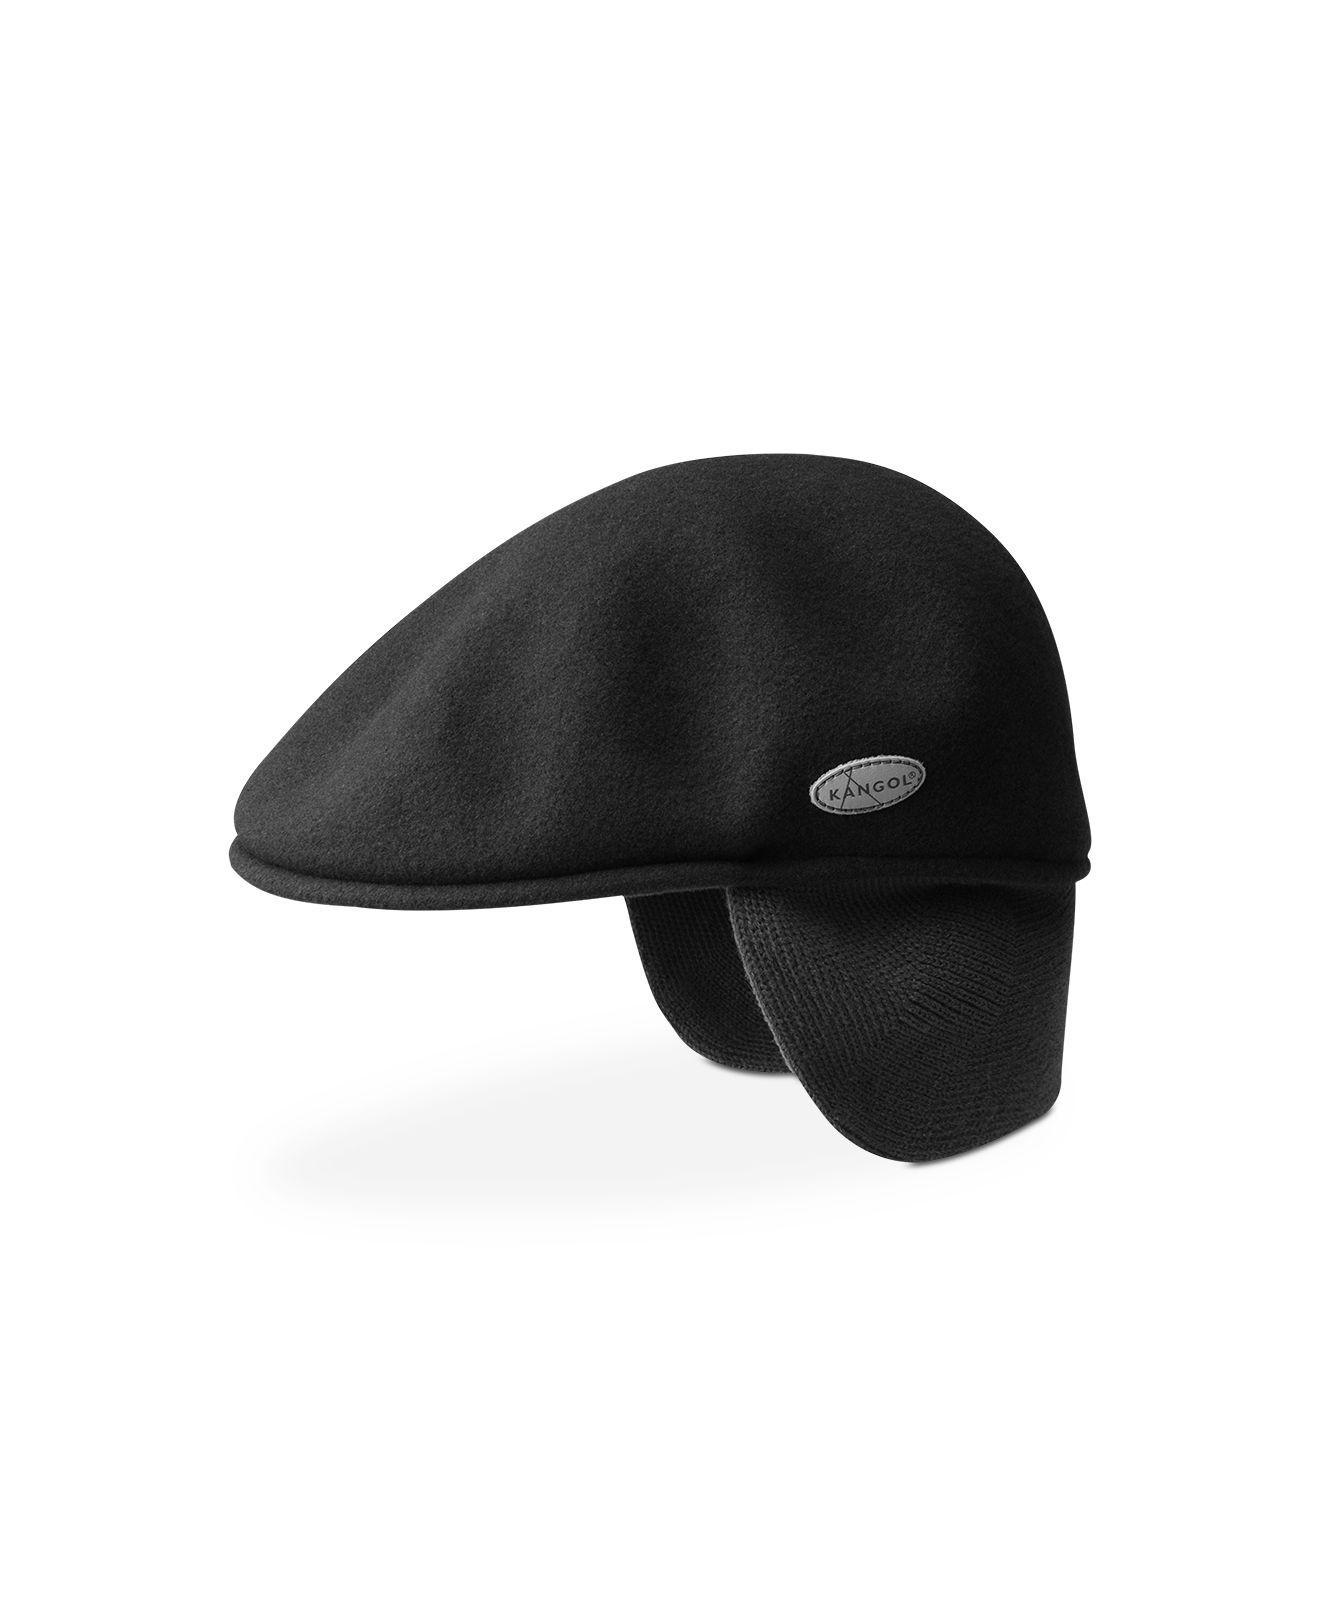 Kangol Wool 504 Earflaps Flat Cap Black 20b66f0f6a97